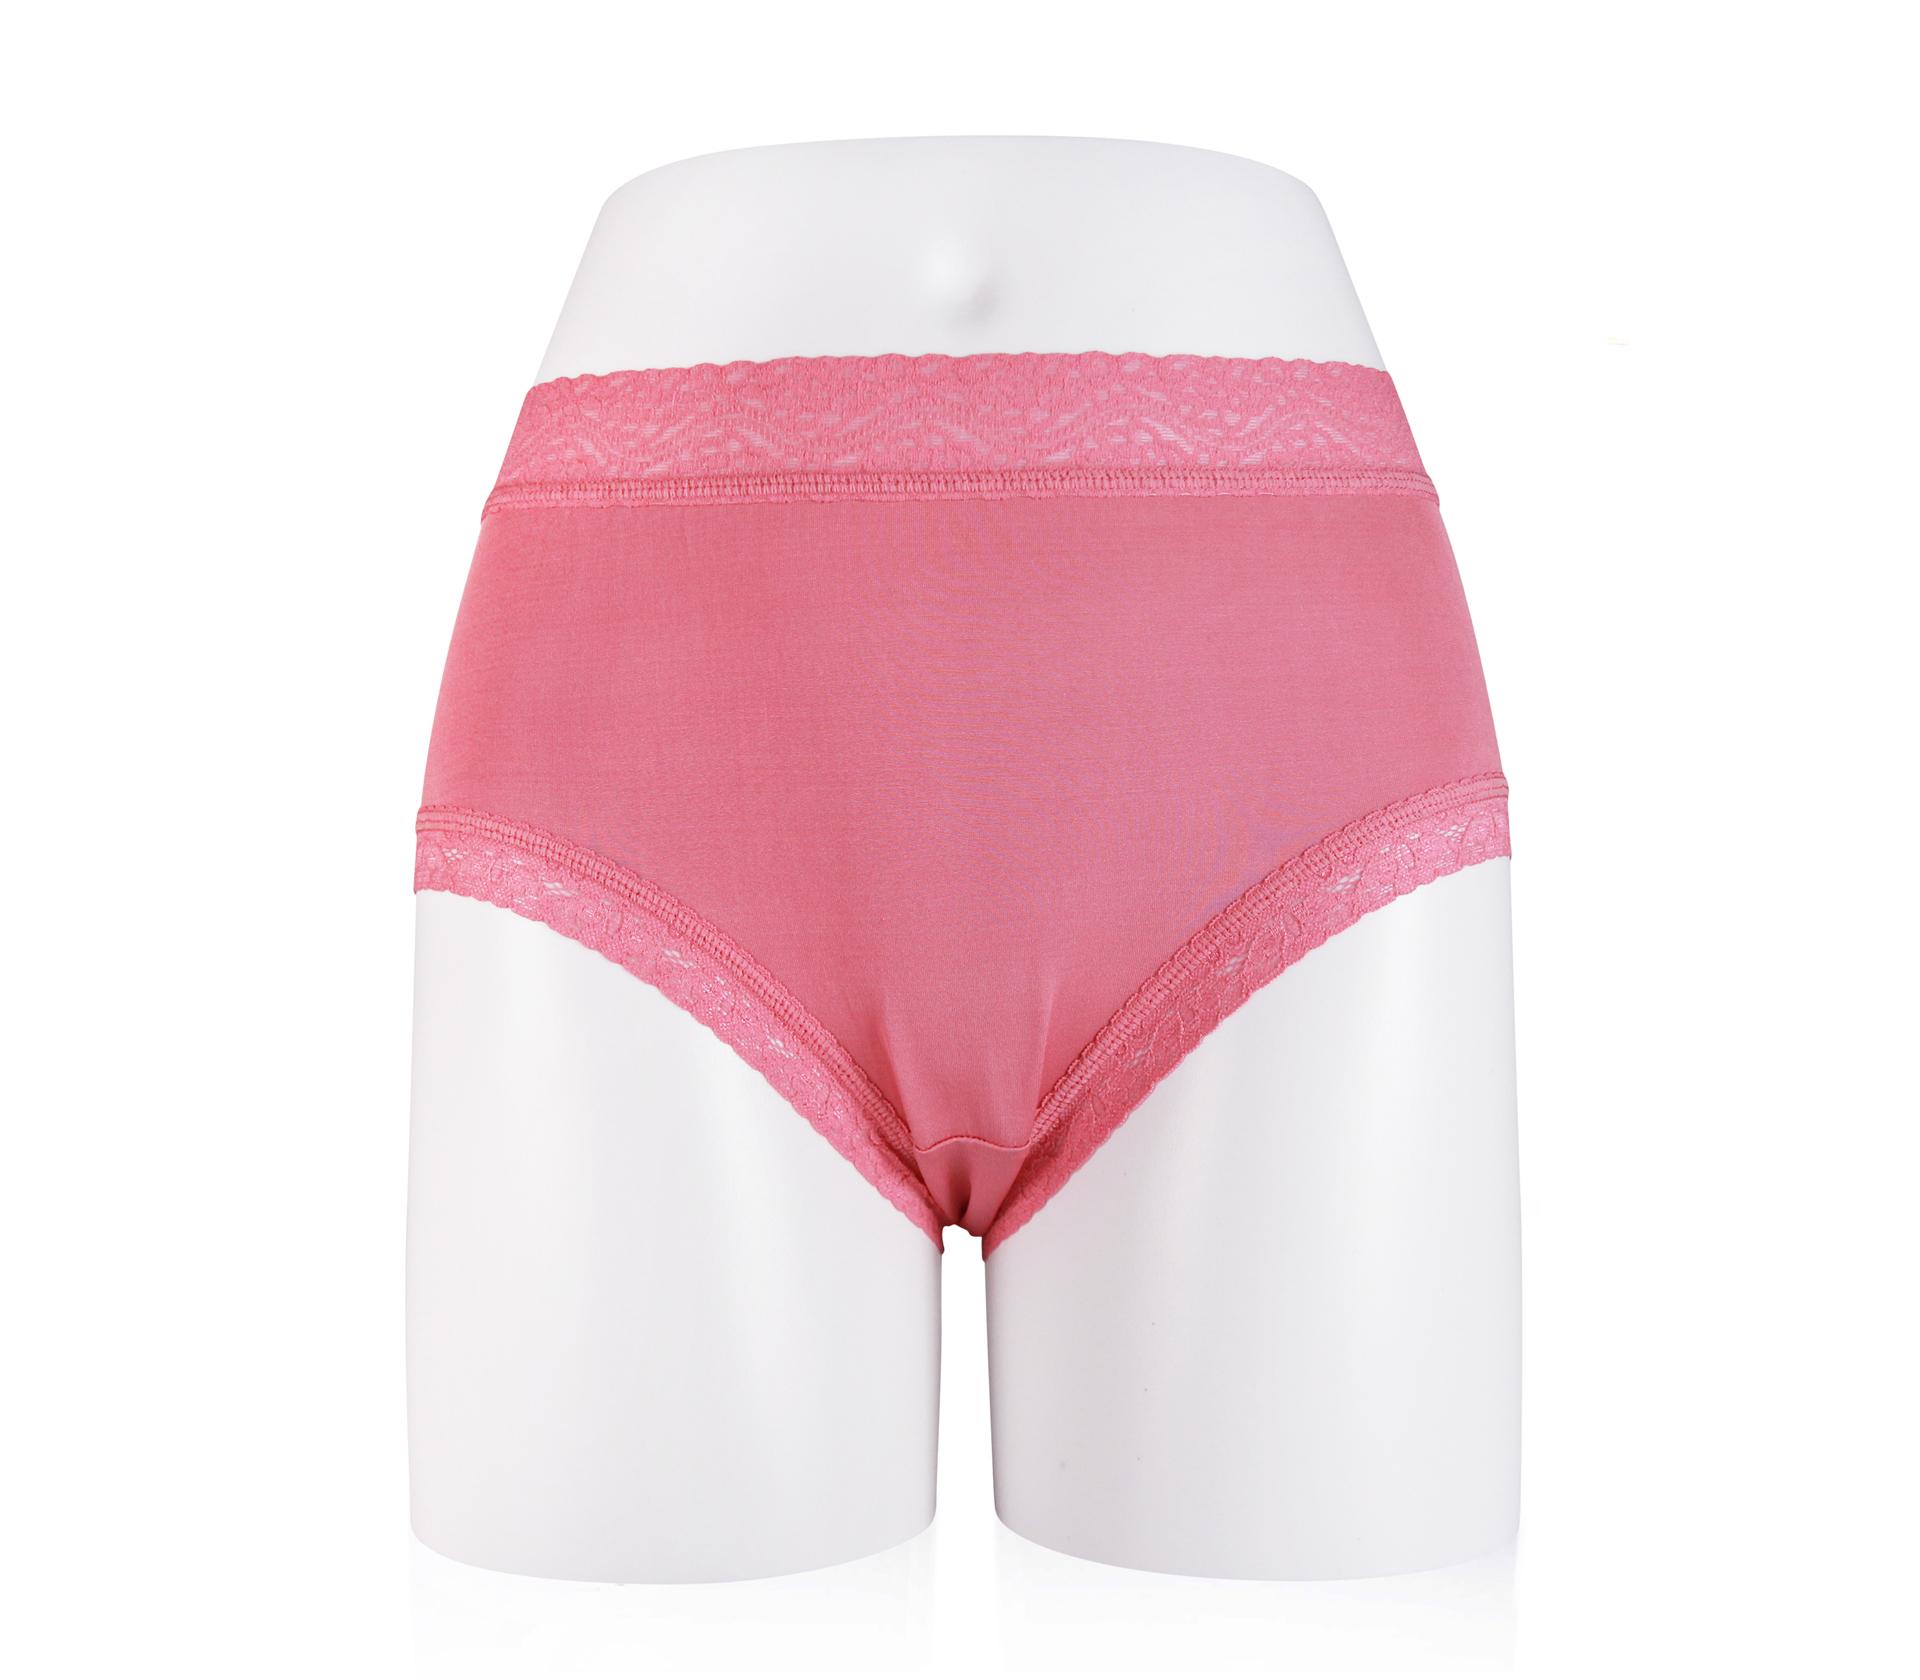 闕蘭絹親膚柔軟40針100%蠶絲內褲 - 2224 (紅)